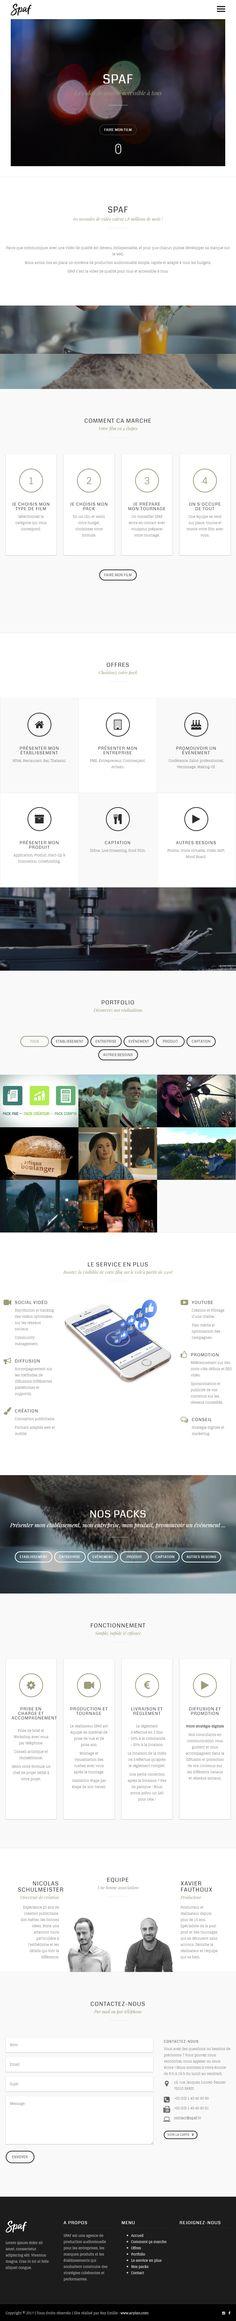 Conception d'un site vitrine offrant divers types de services autour de tournages vidéos.